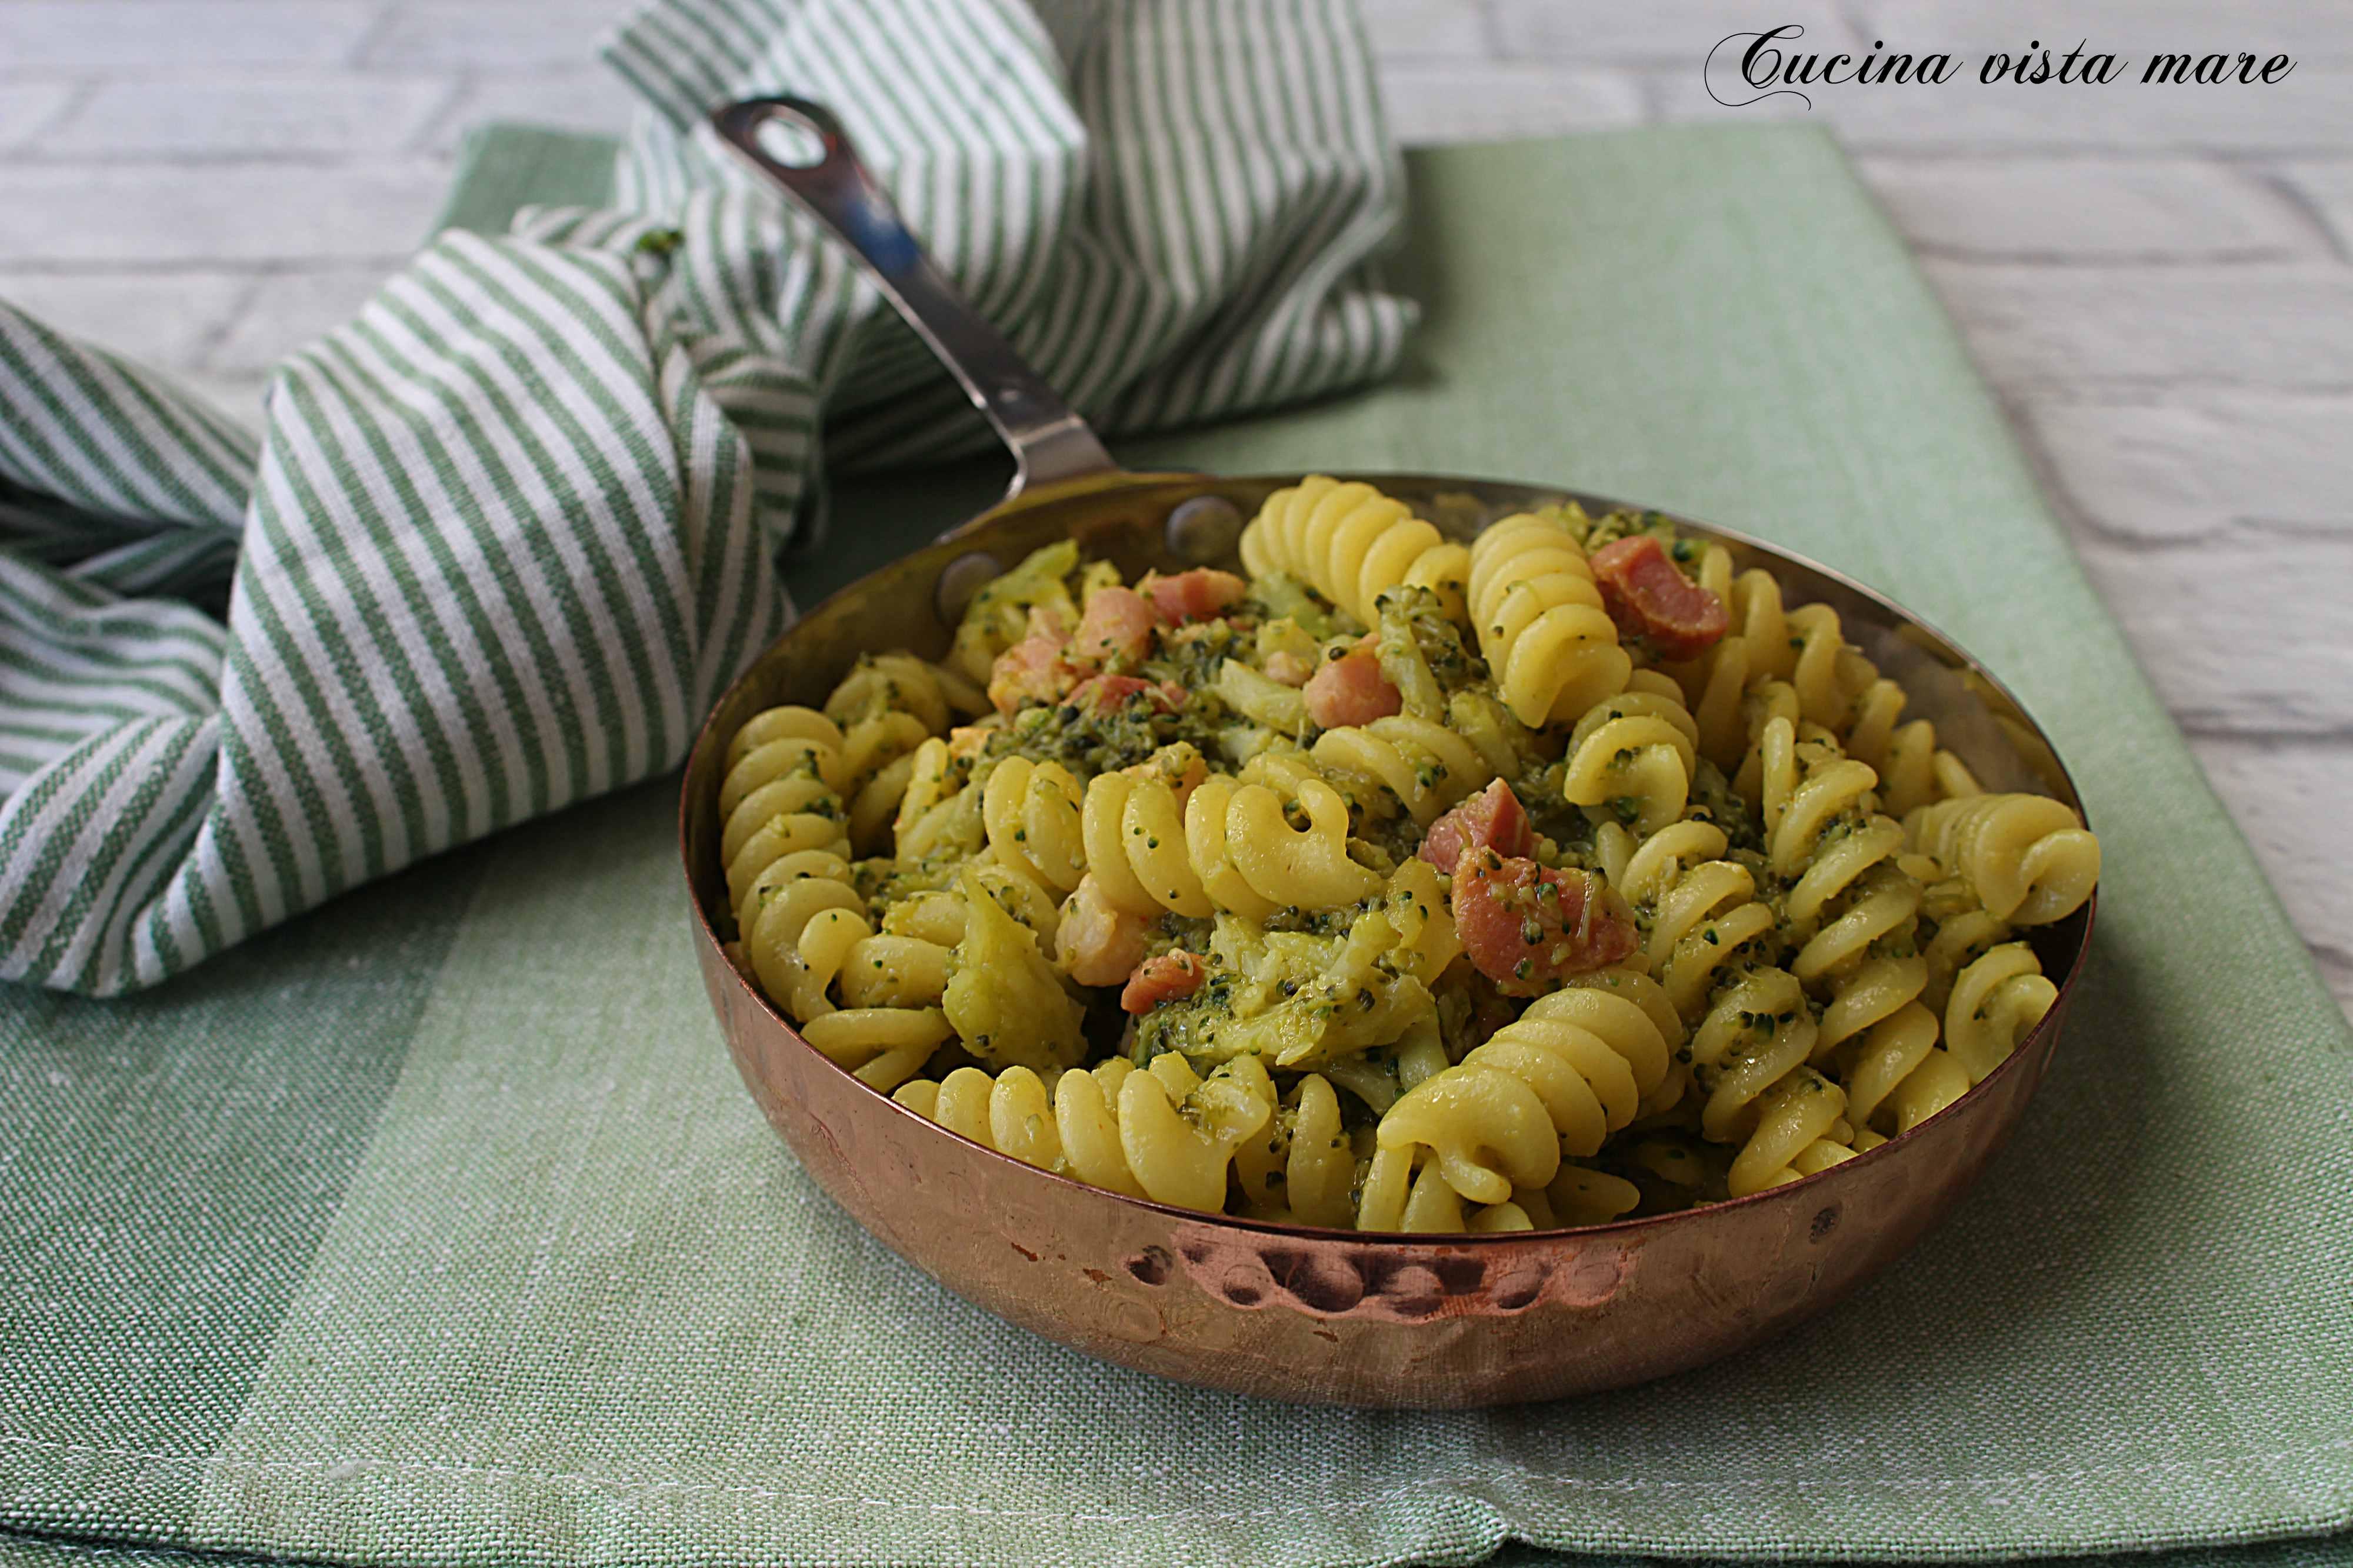 Pasta broccoli pancetta e zafferano Cucina vista mare